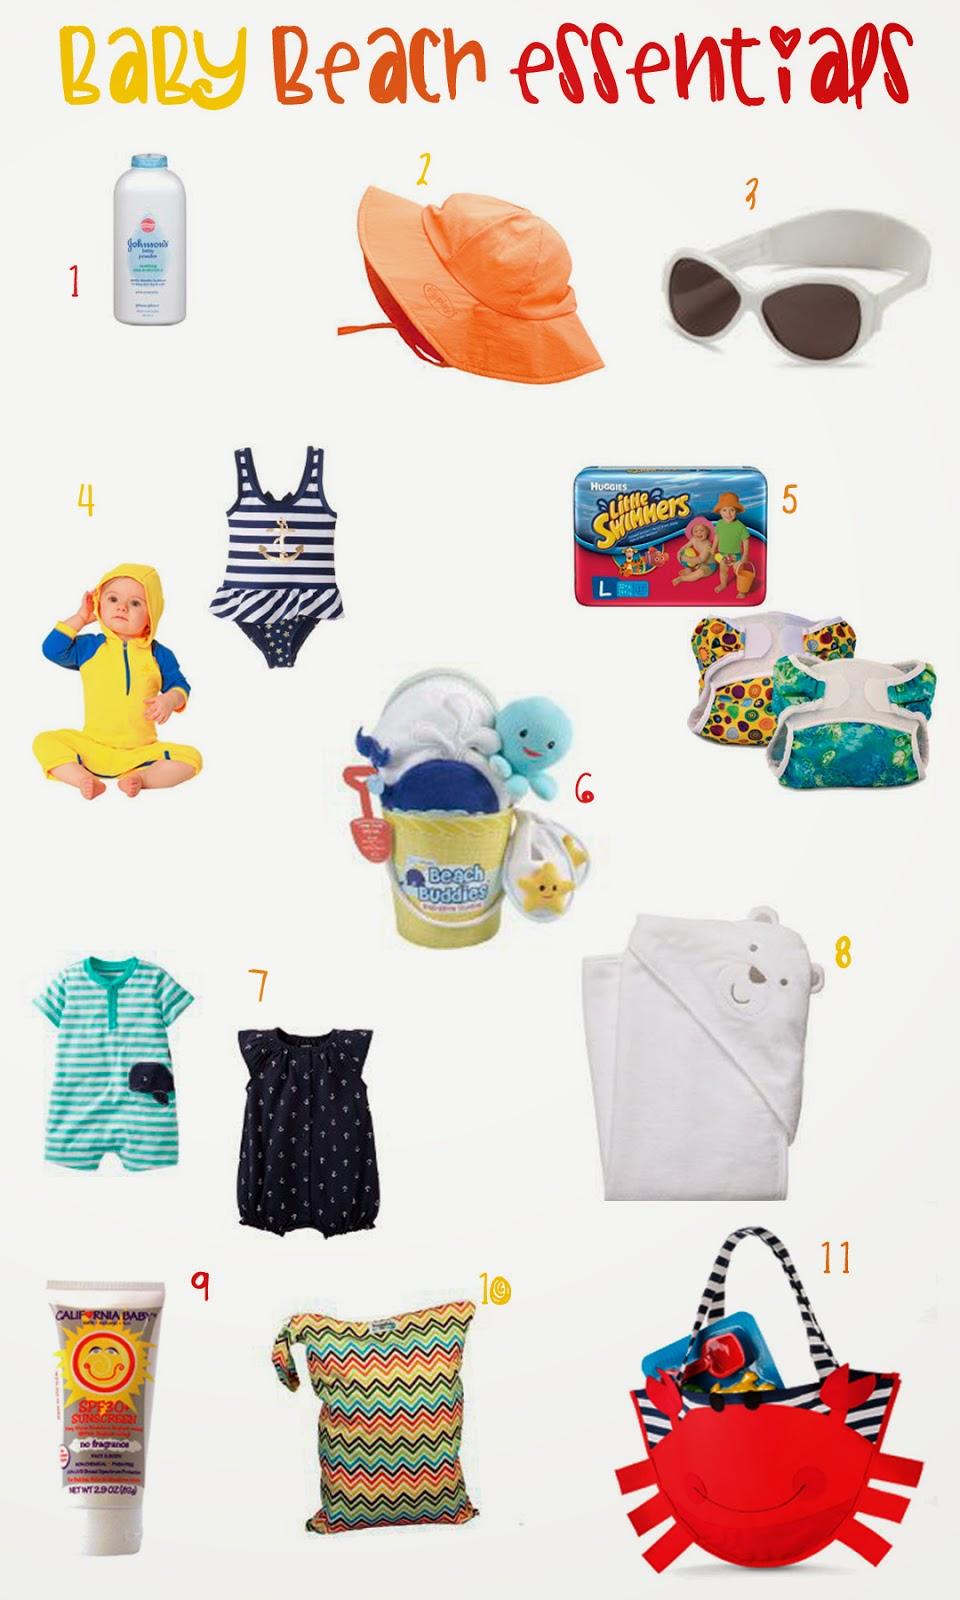 Sweet Little Nursery: Baby Beach Essentials